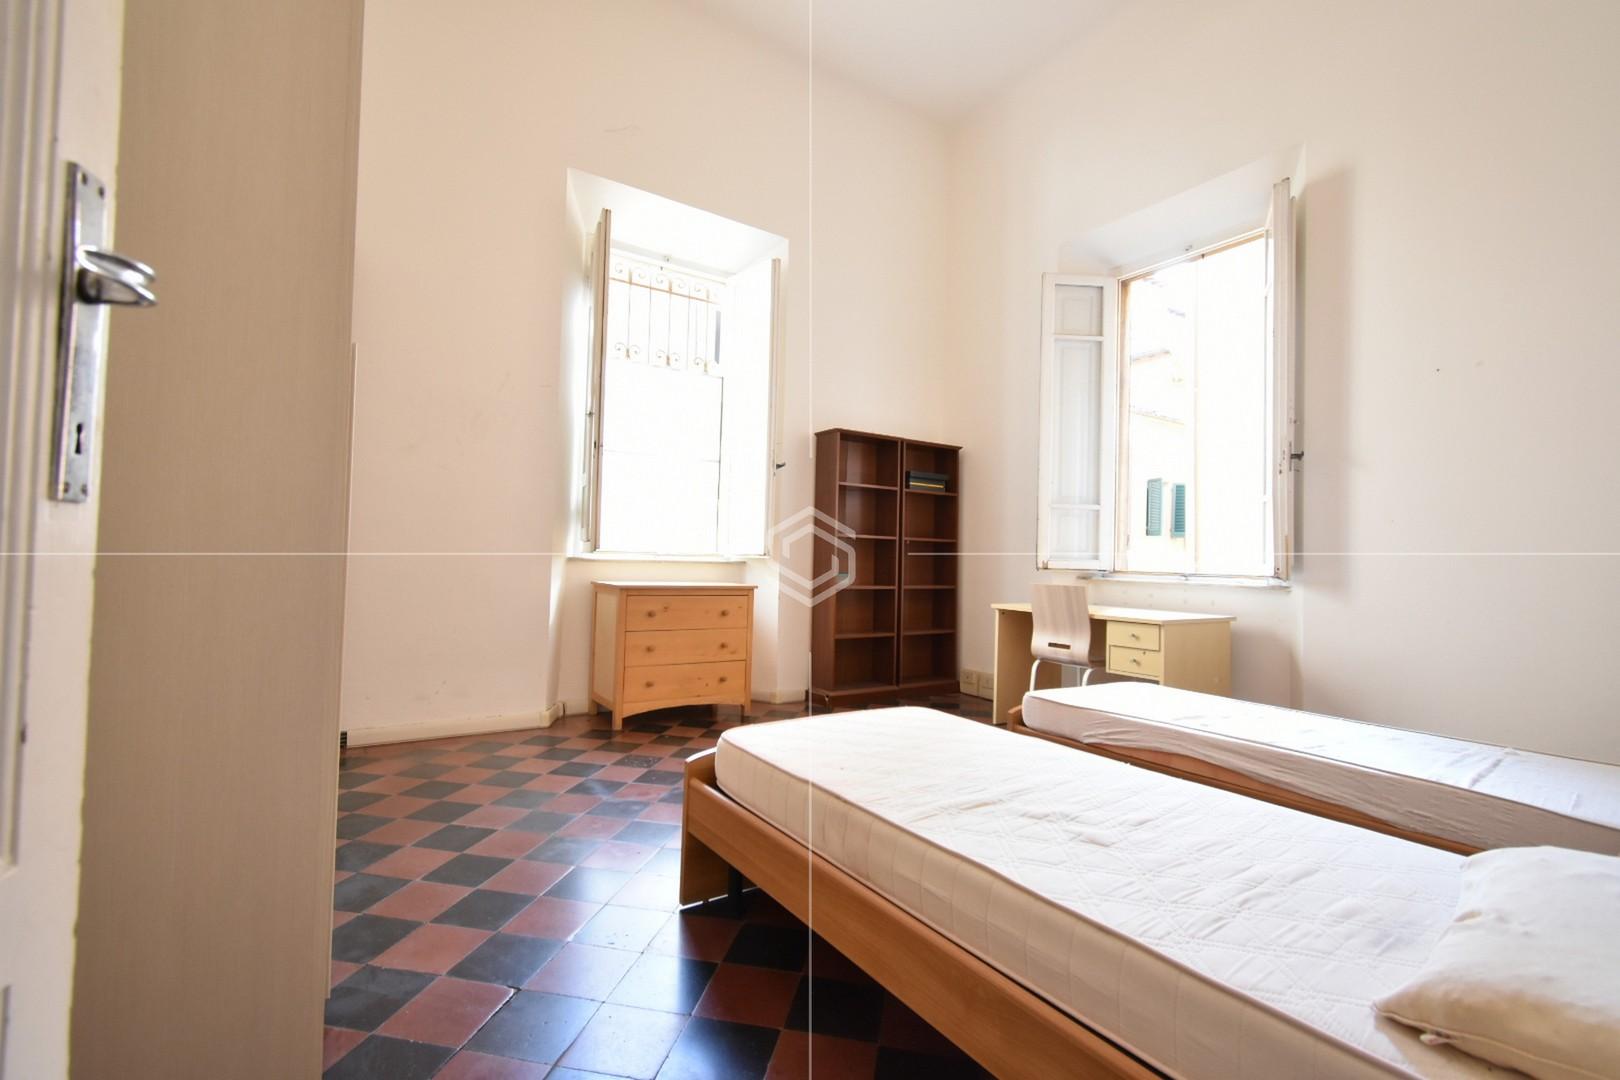 Appartamento ampio in vendita in San Martino a Pisa